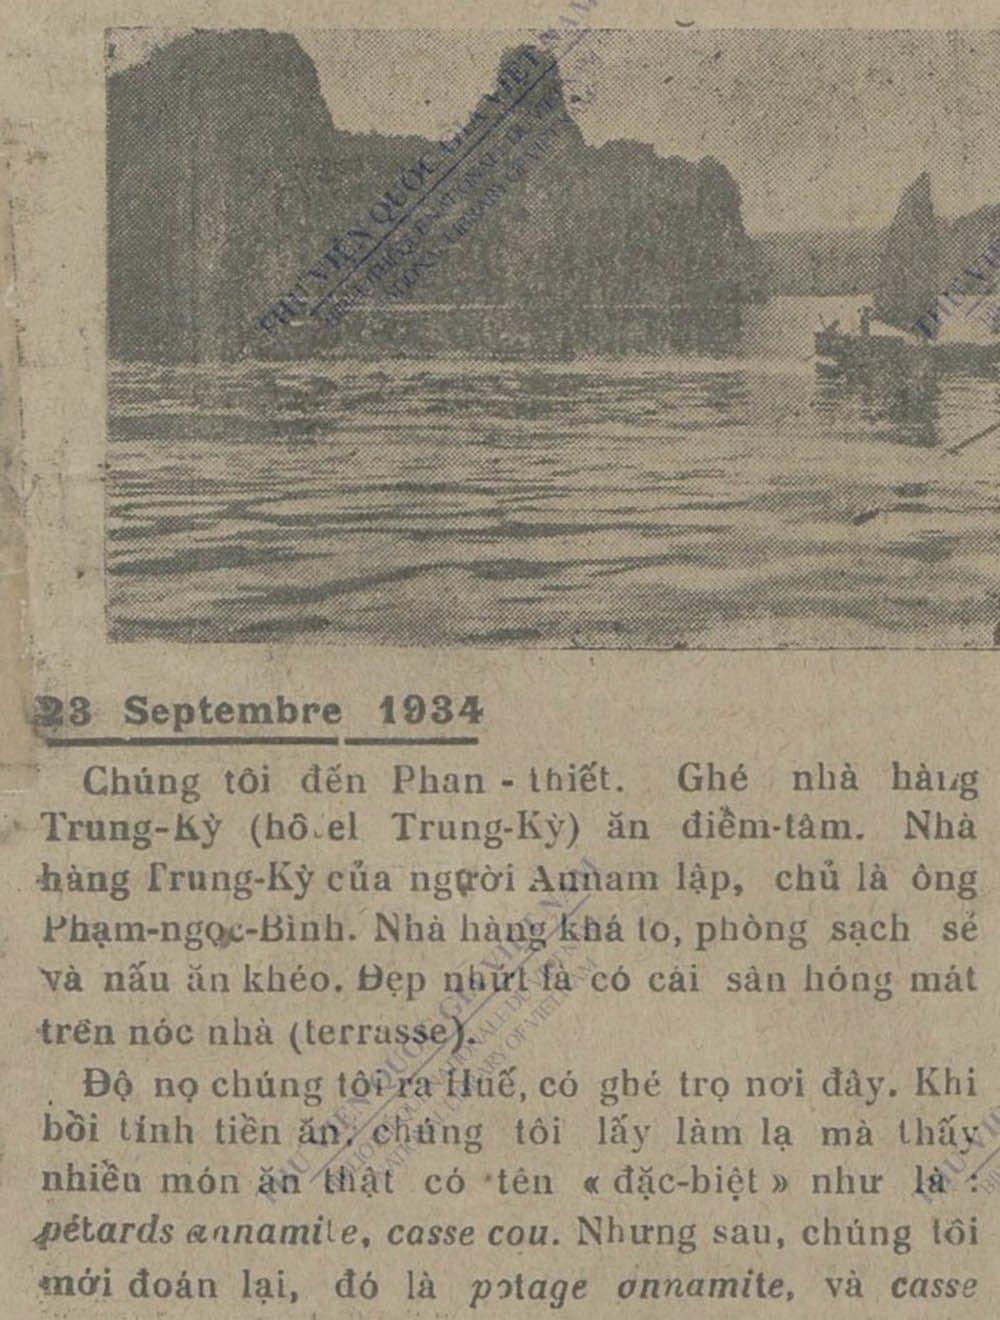 """Bài viết về hotel Trung Kỳ trên tờ """"Phụ Nữ Tân Văn"""" năm 1934."""